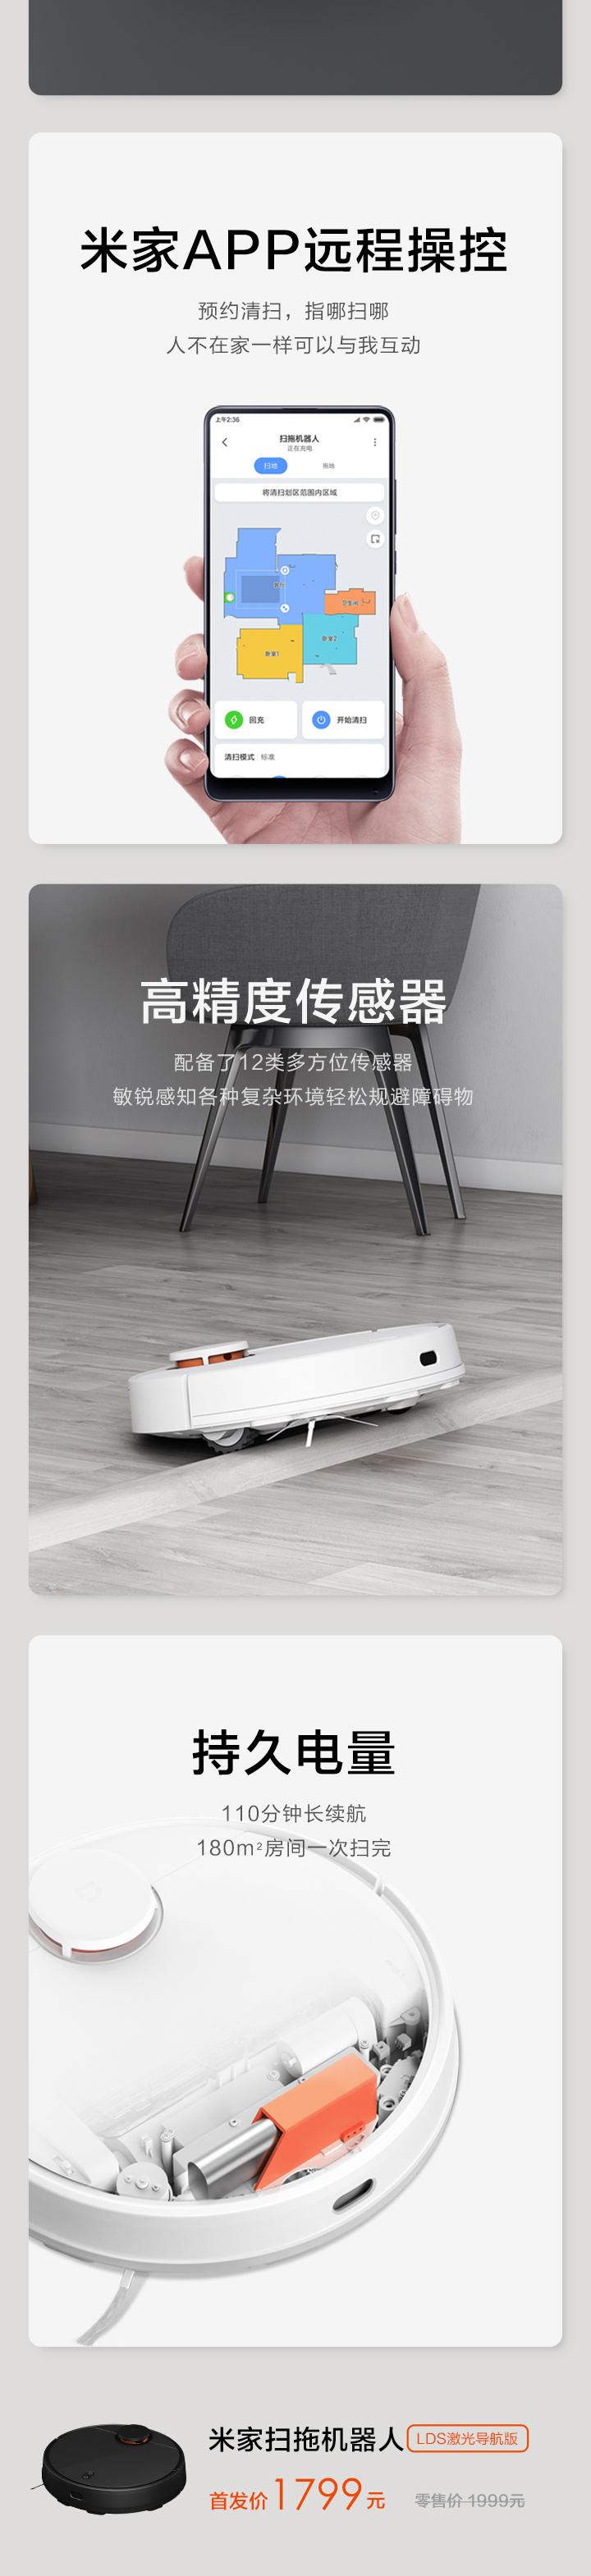 米家扫拖机器人免费试用,评测